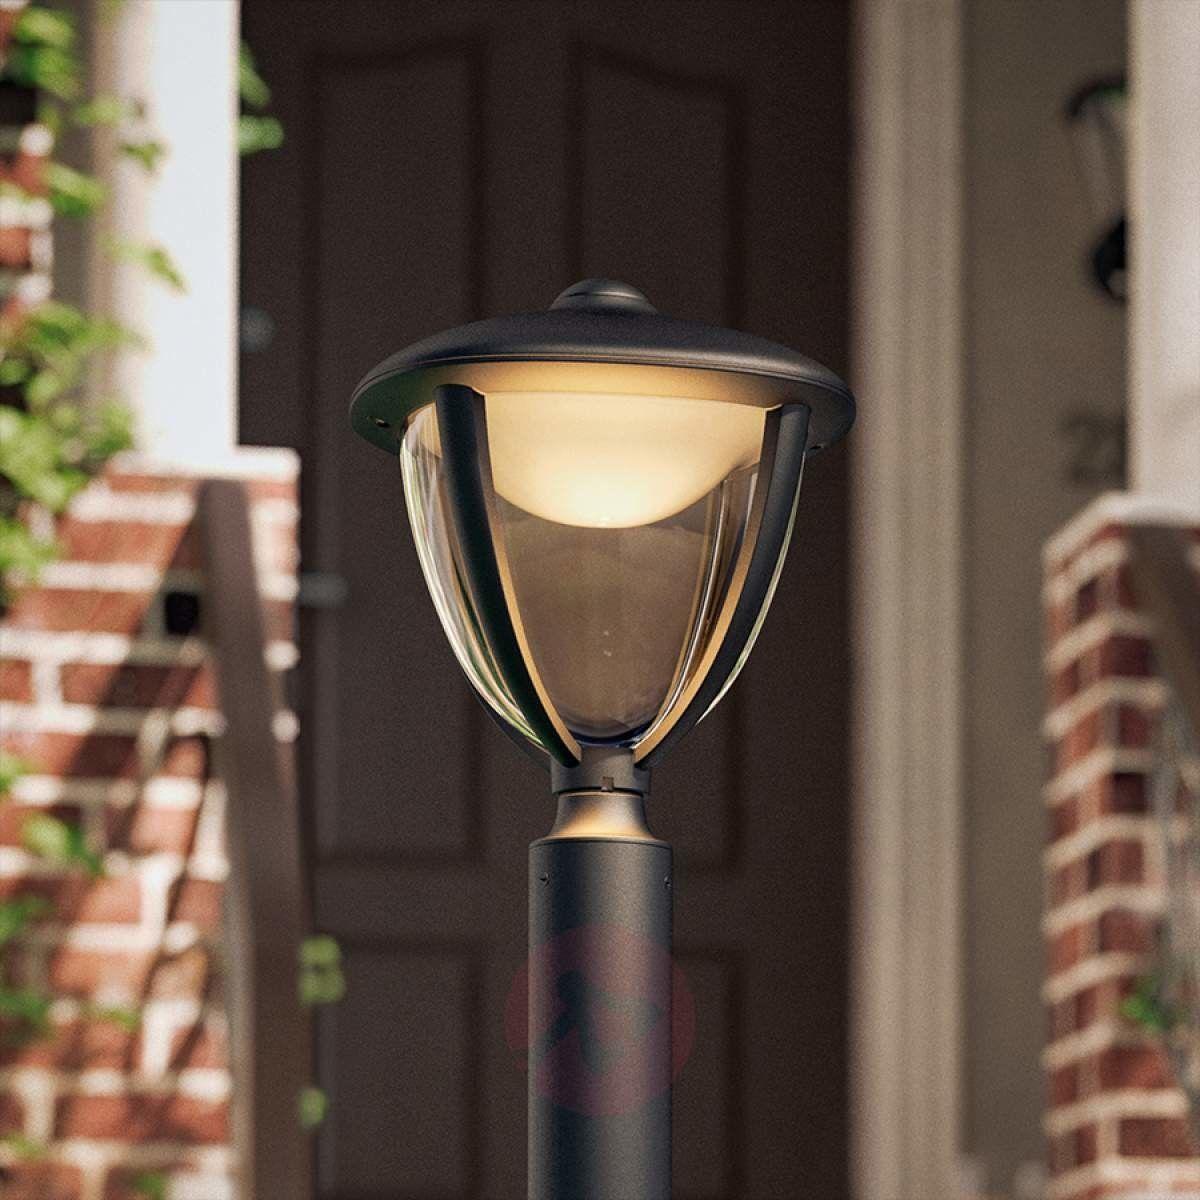 Lampa stojąca PHILIPS Robin 15473/30/16 ----------- WYSYŁKA 48H